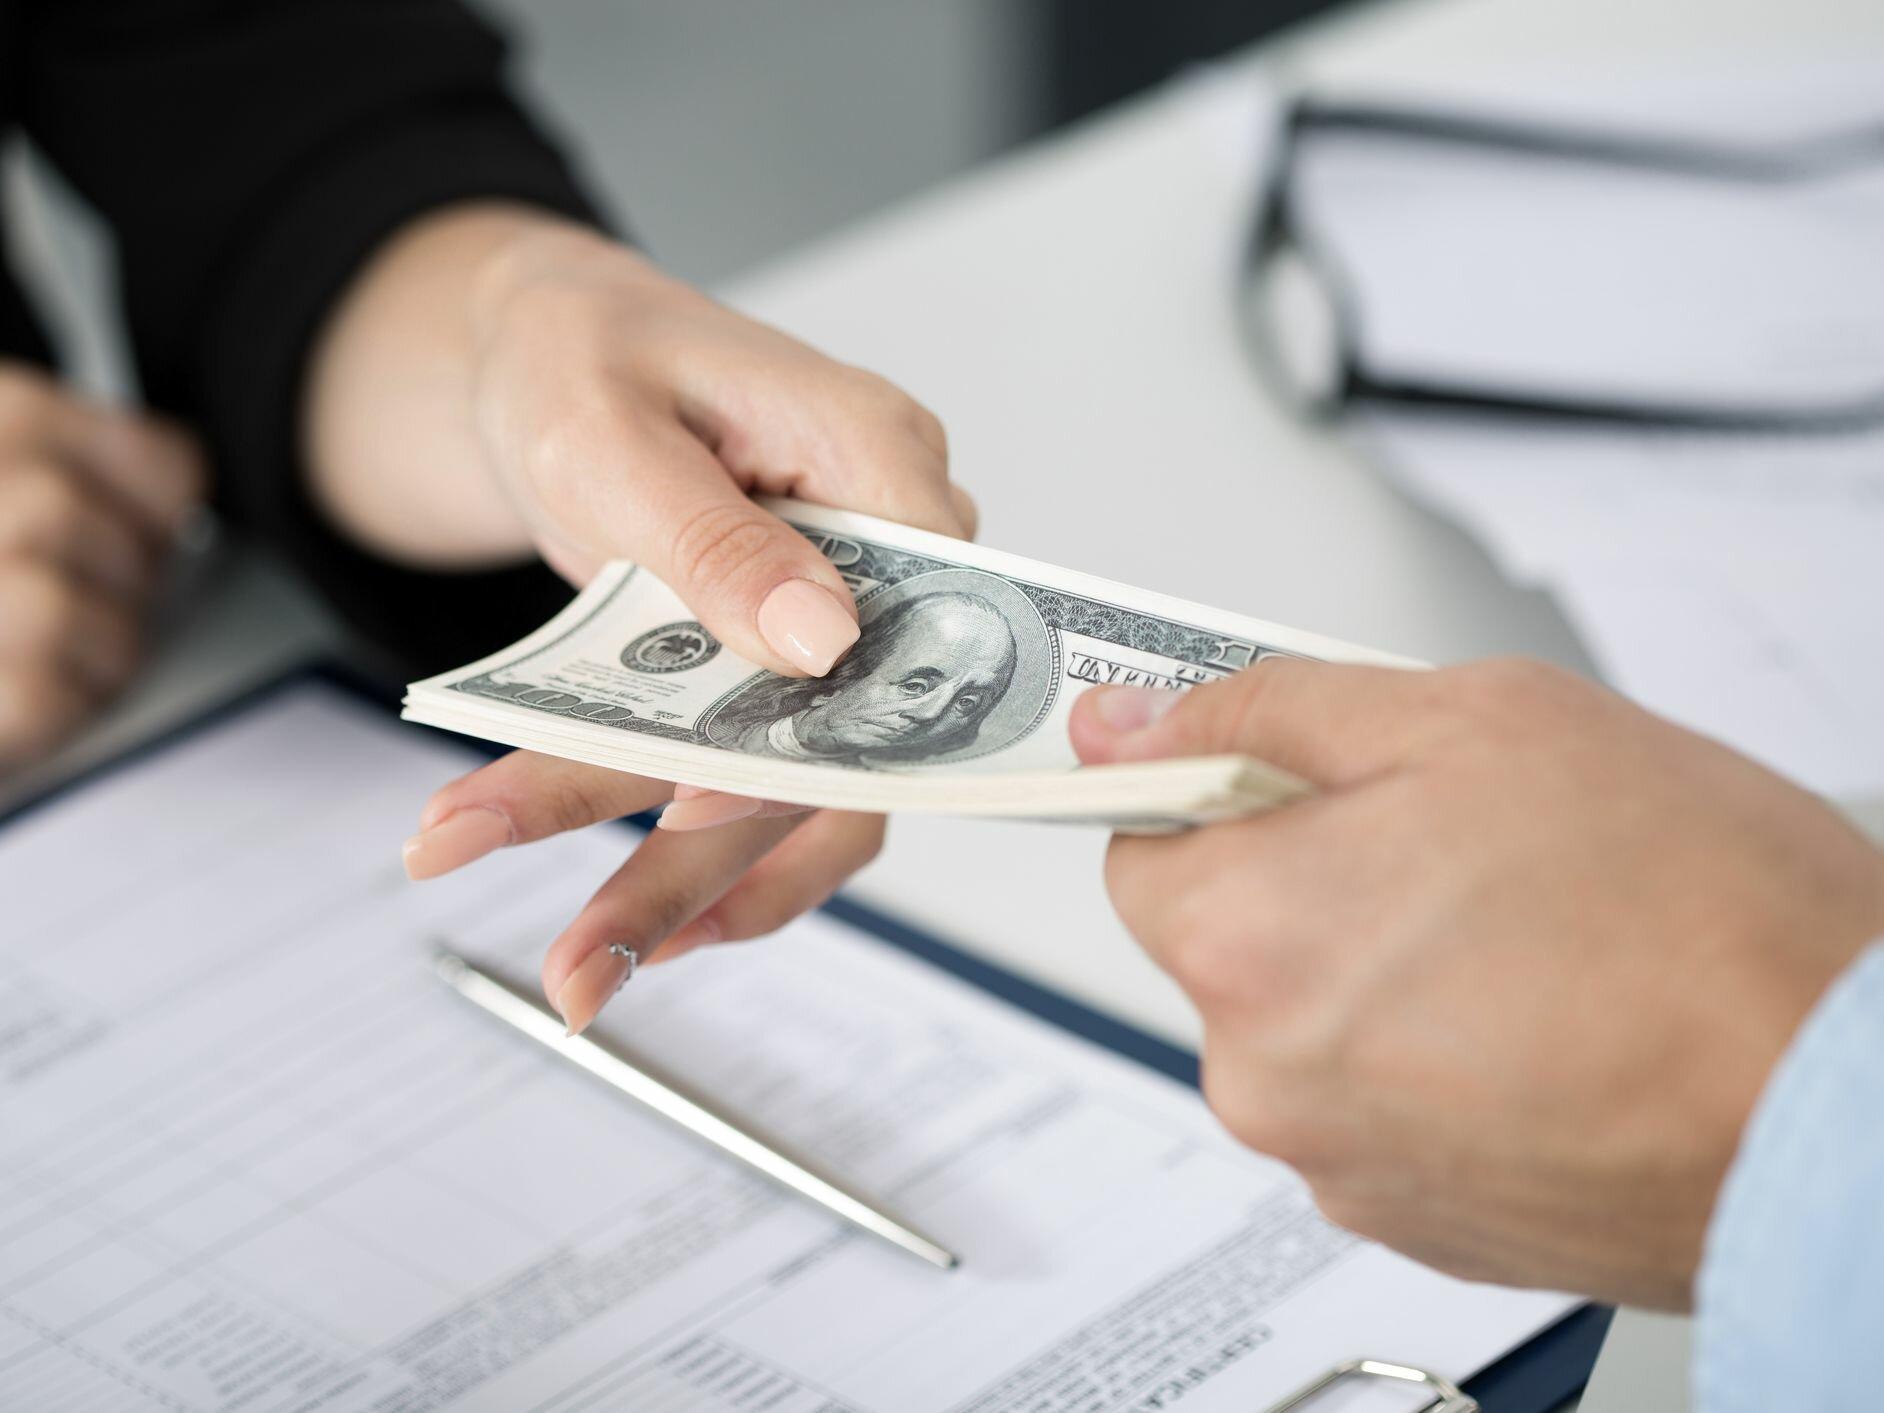 Взять кредит выгодно ли это сейчас альфа банк как взять кредит онлайн